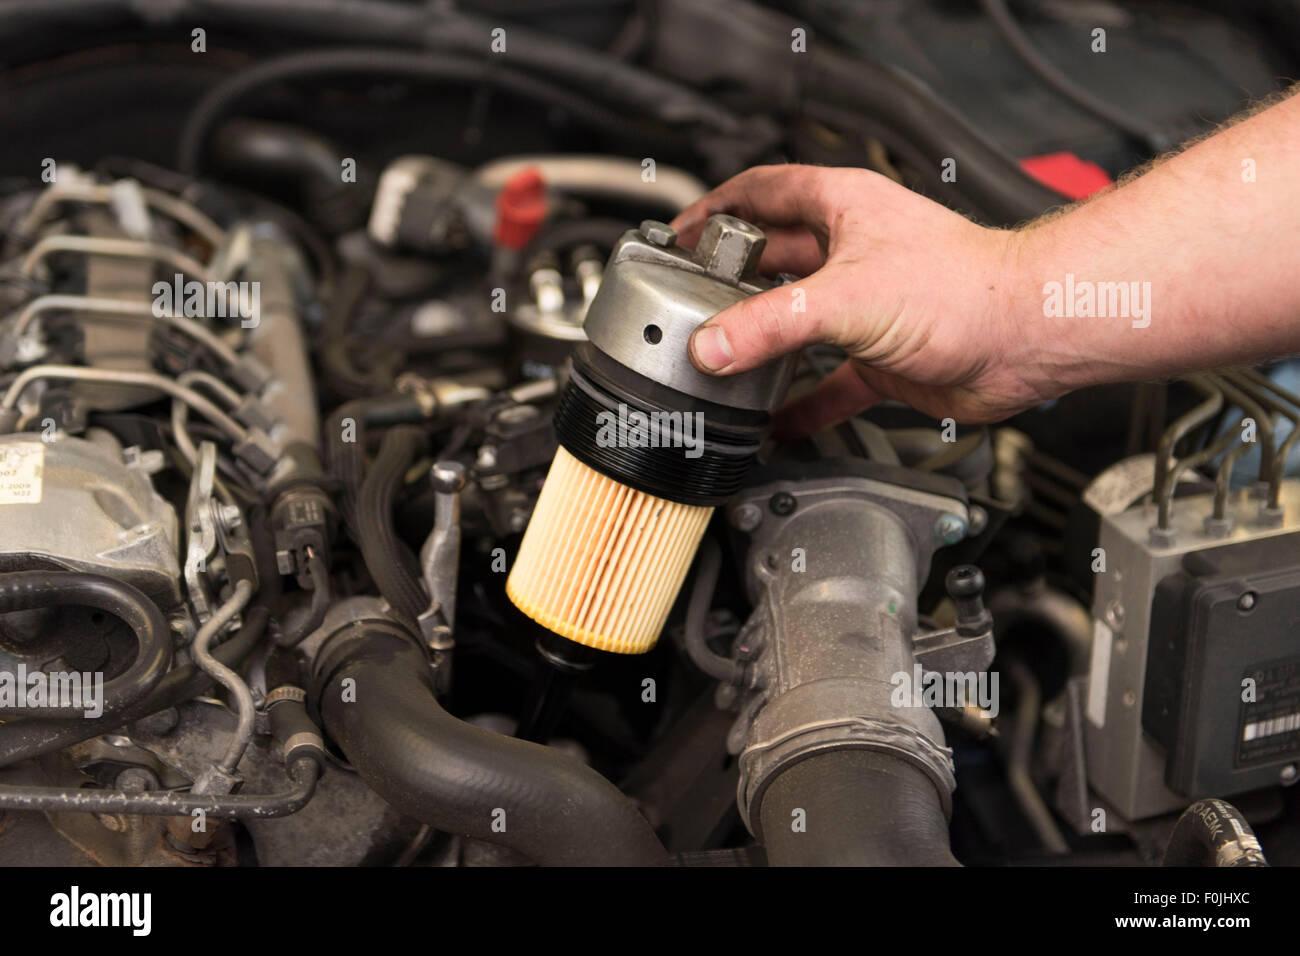 Kfz-Mechaniker passt einen Ölfilter zu einem Auto während der allgemeinen Wartung Stockbild